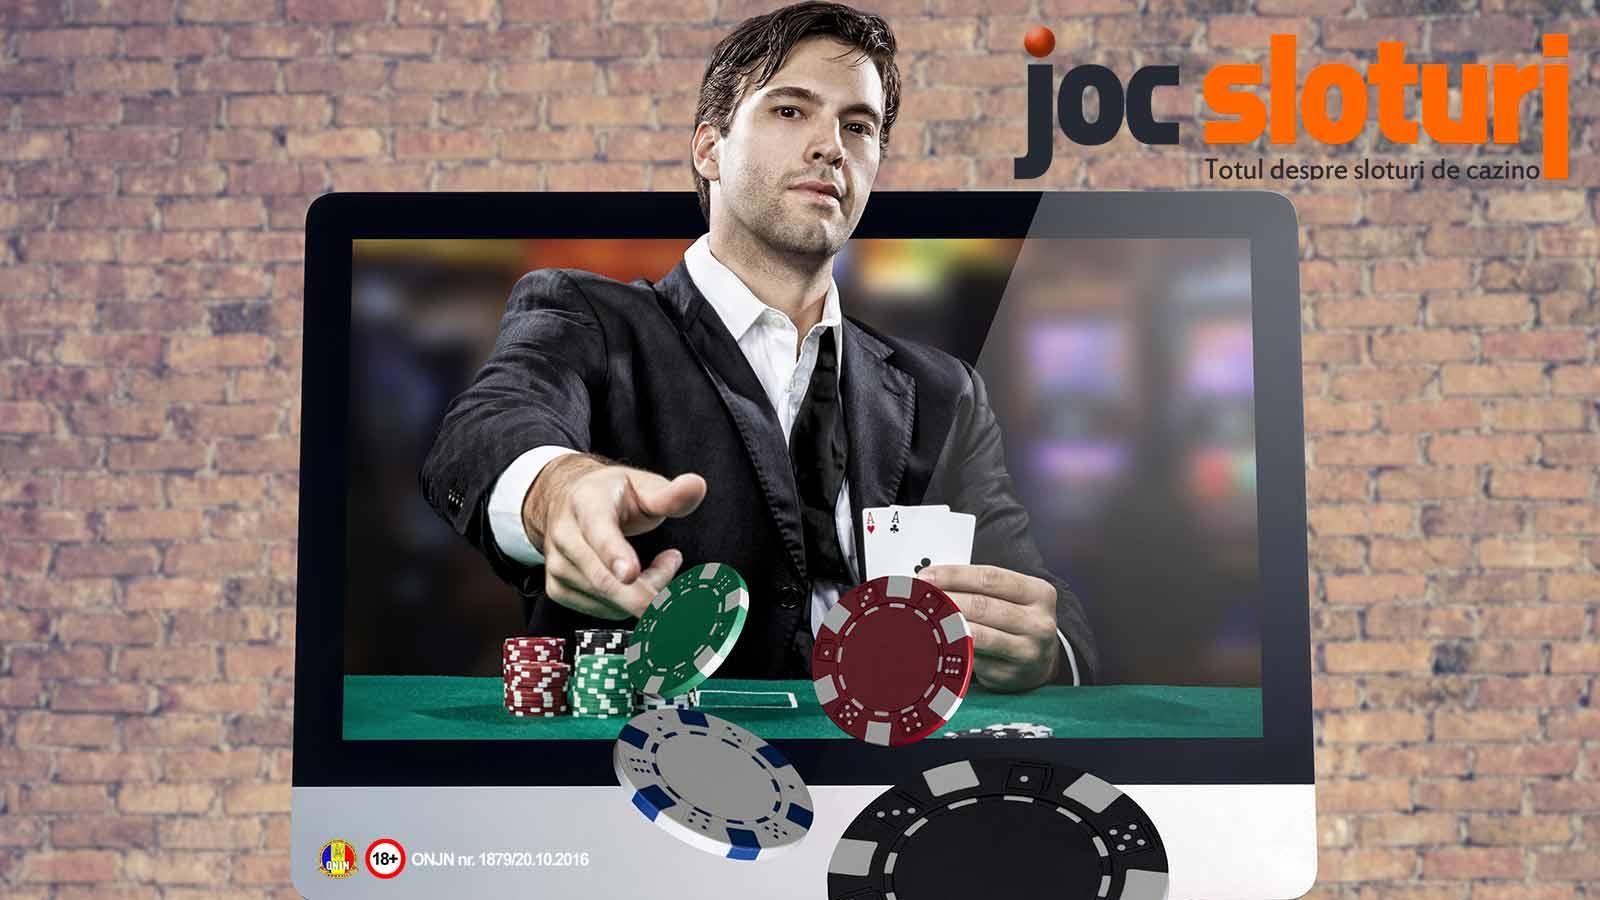 De ce e important să-ți folosești intuiția când joci la cazino